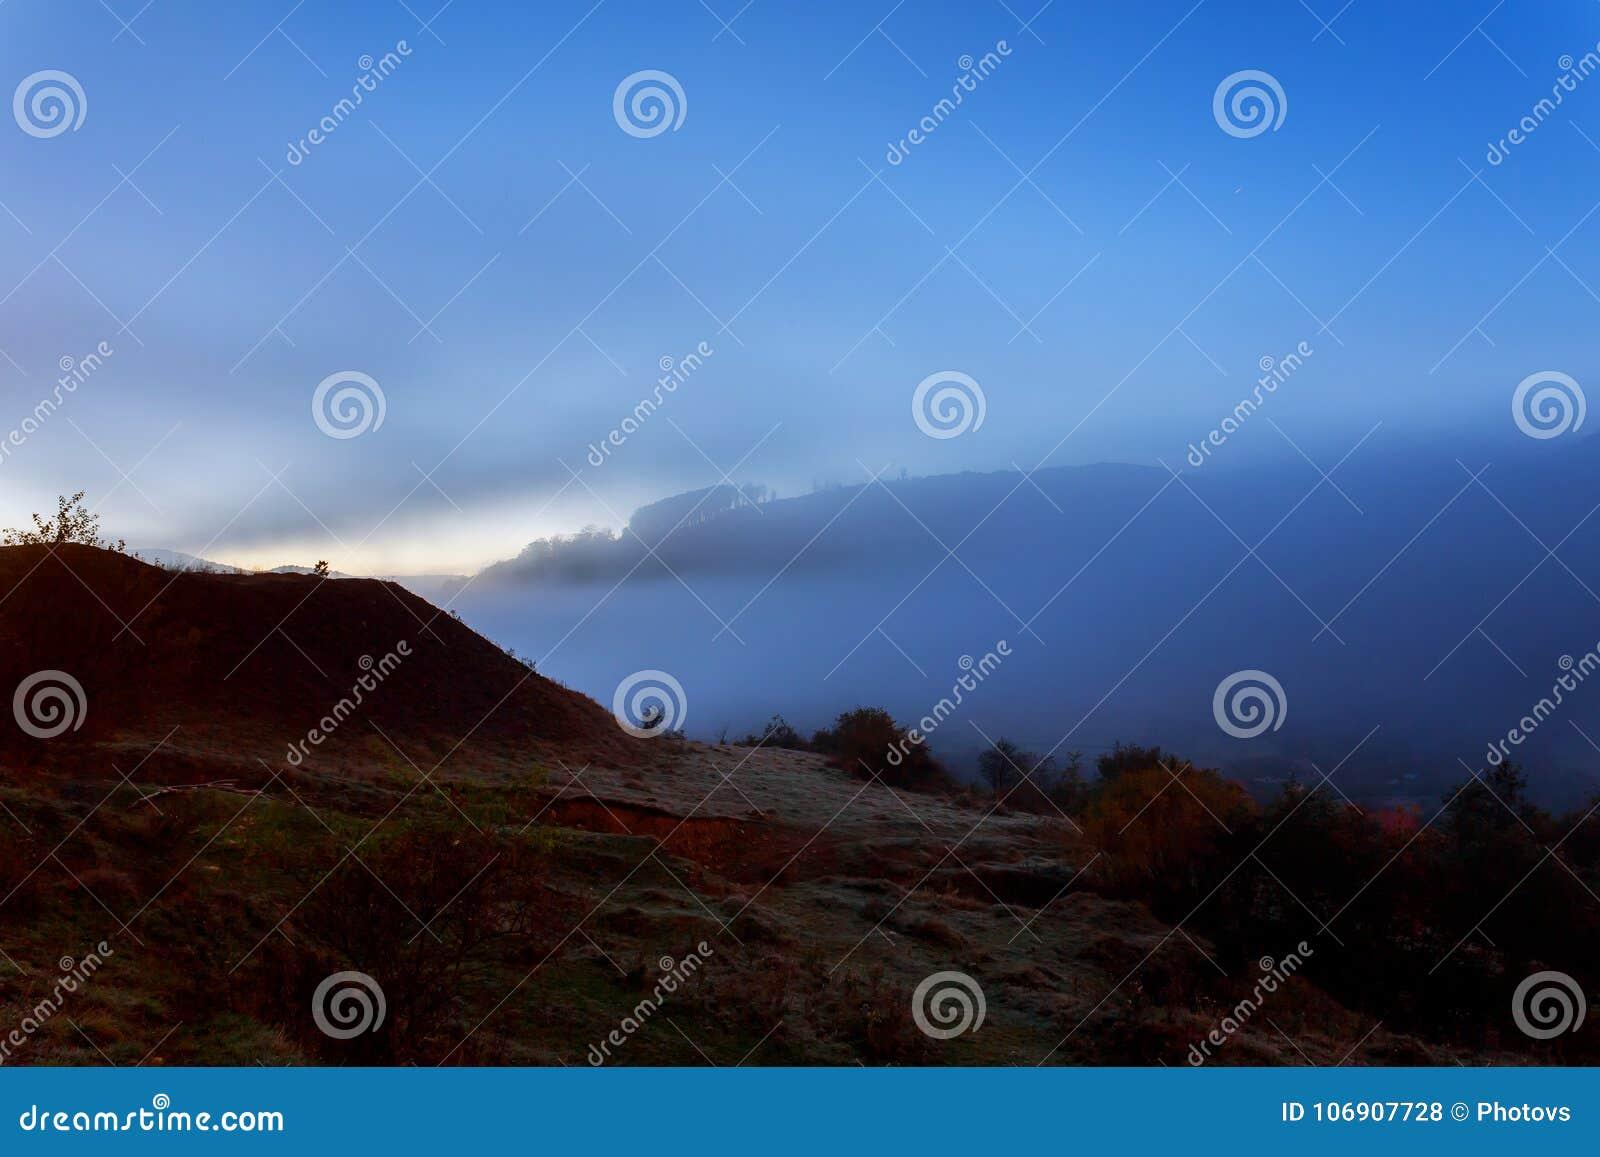 Ranek mgła na zbocze łąkowej pobliskiej górskiej wiosce przy nocą w księżyc świetle